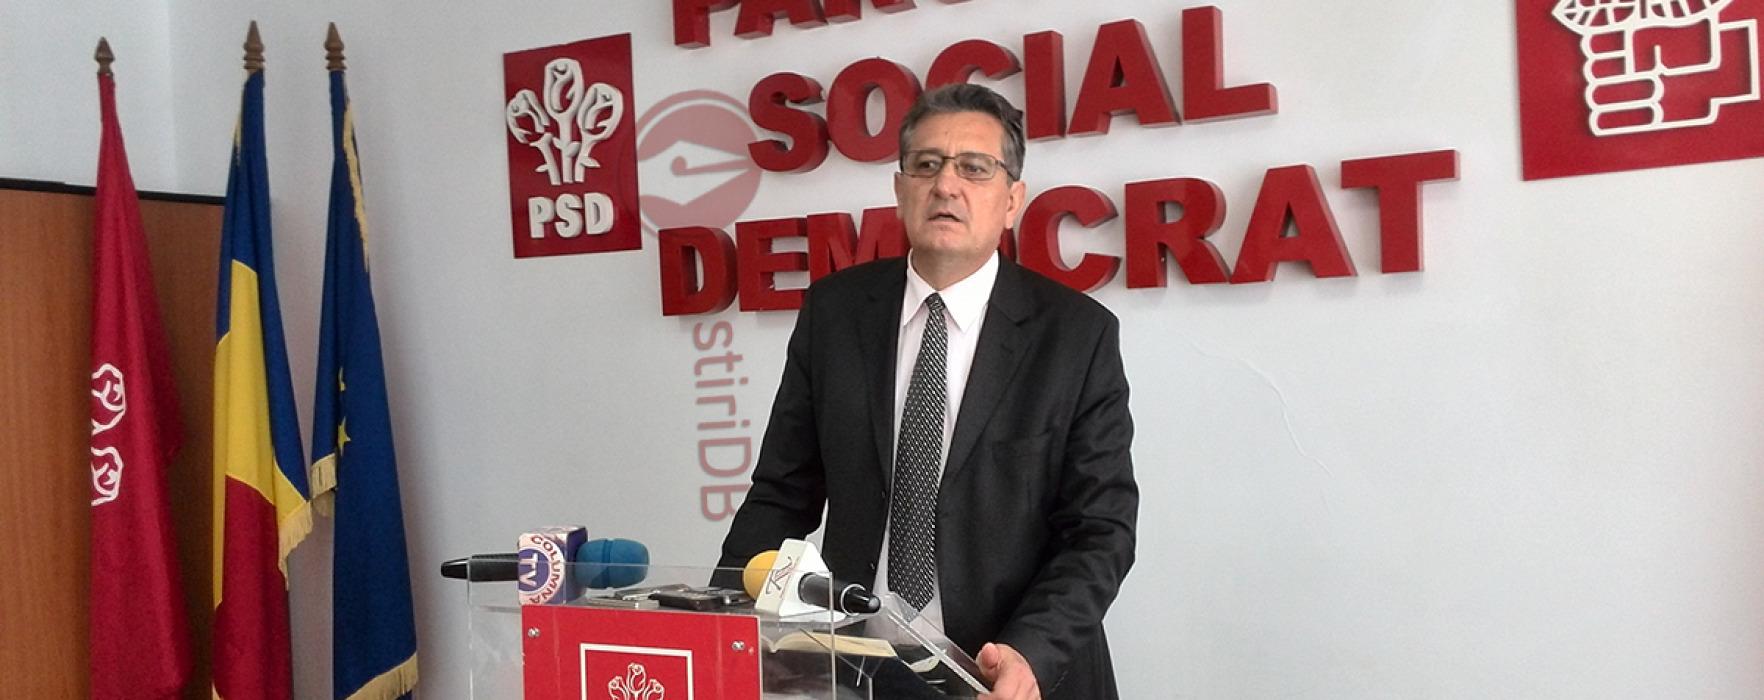 Primar Malu cu Flori: Ar fi fost chiar culmea eu să fiu la PDL şi domnul preşedinte Ţuţuianu la PSD (audio)